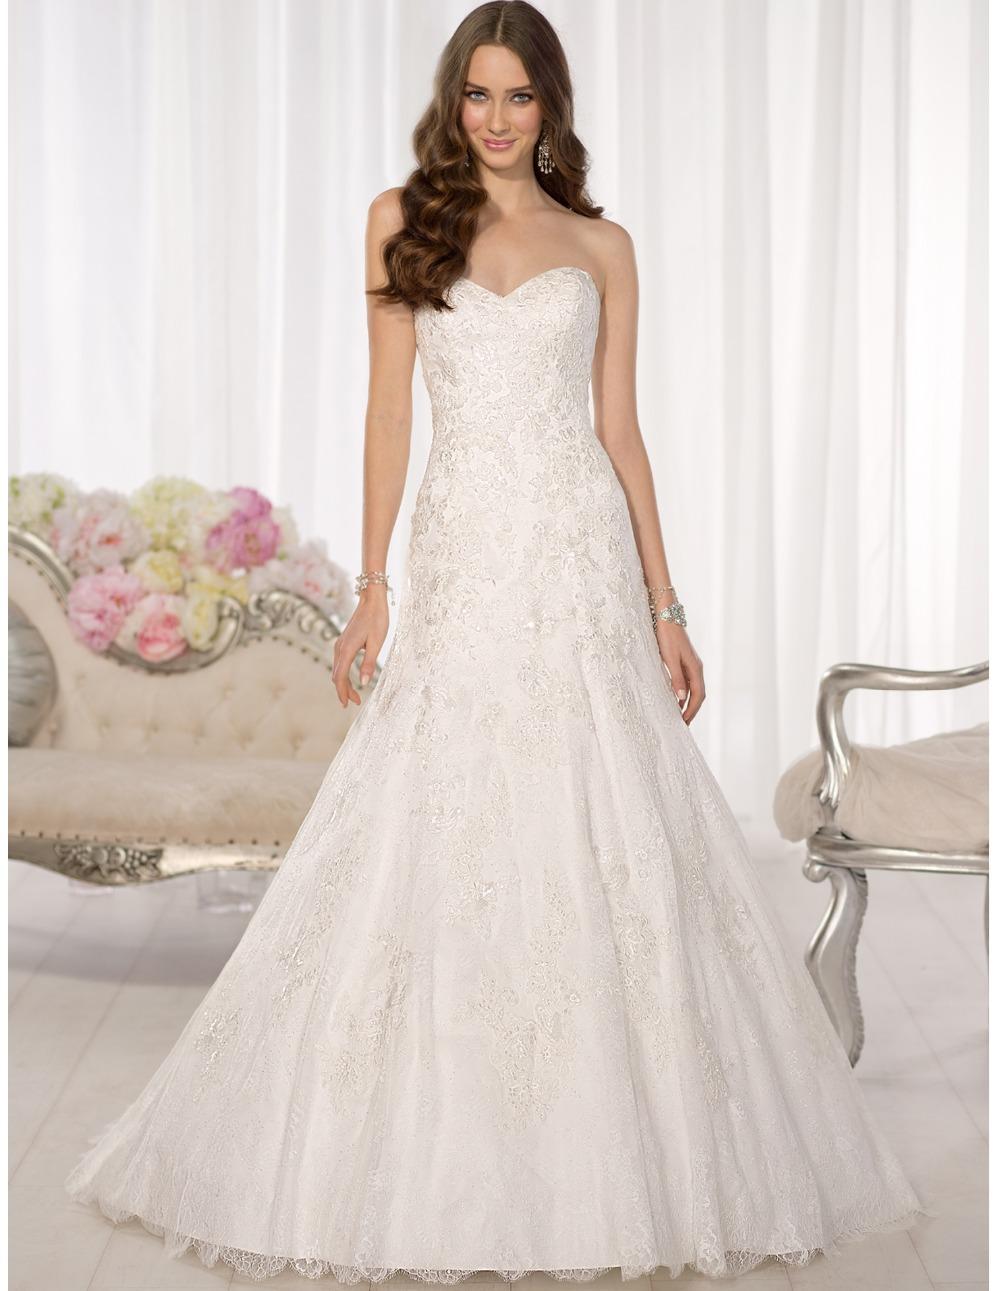 Vestido де novia элегантный 2016 плюс размер сексуальные спинки line свадебное платье кружева свадебное платье платье дженни пэкхэм UD-570